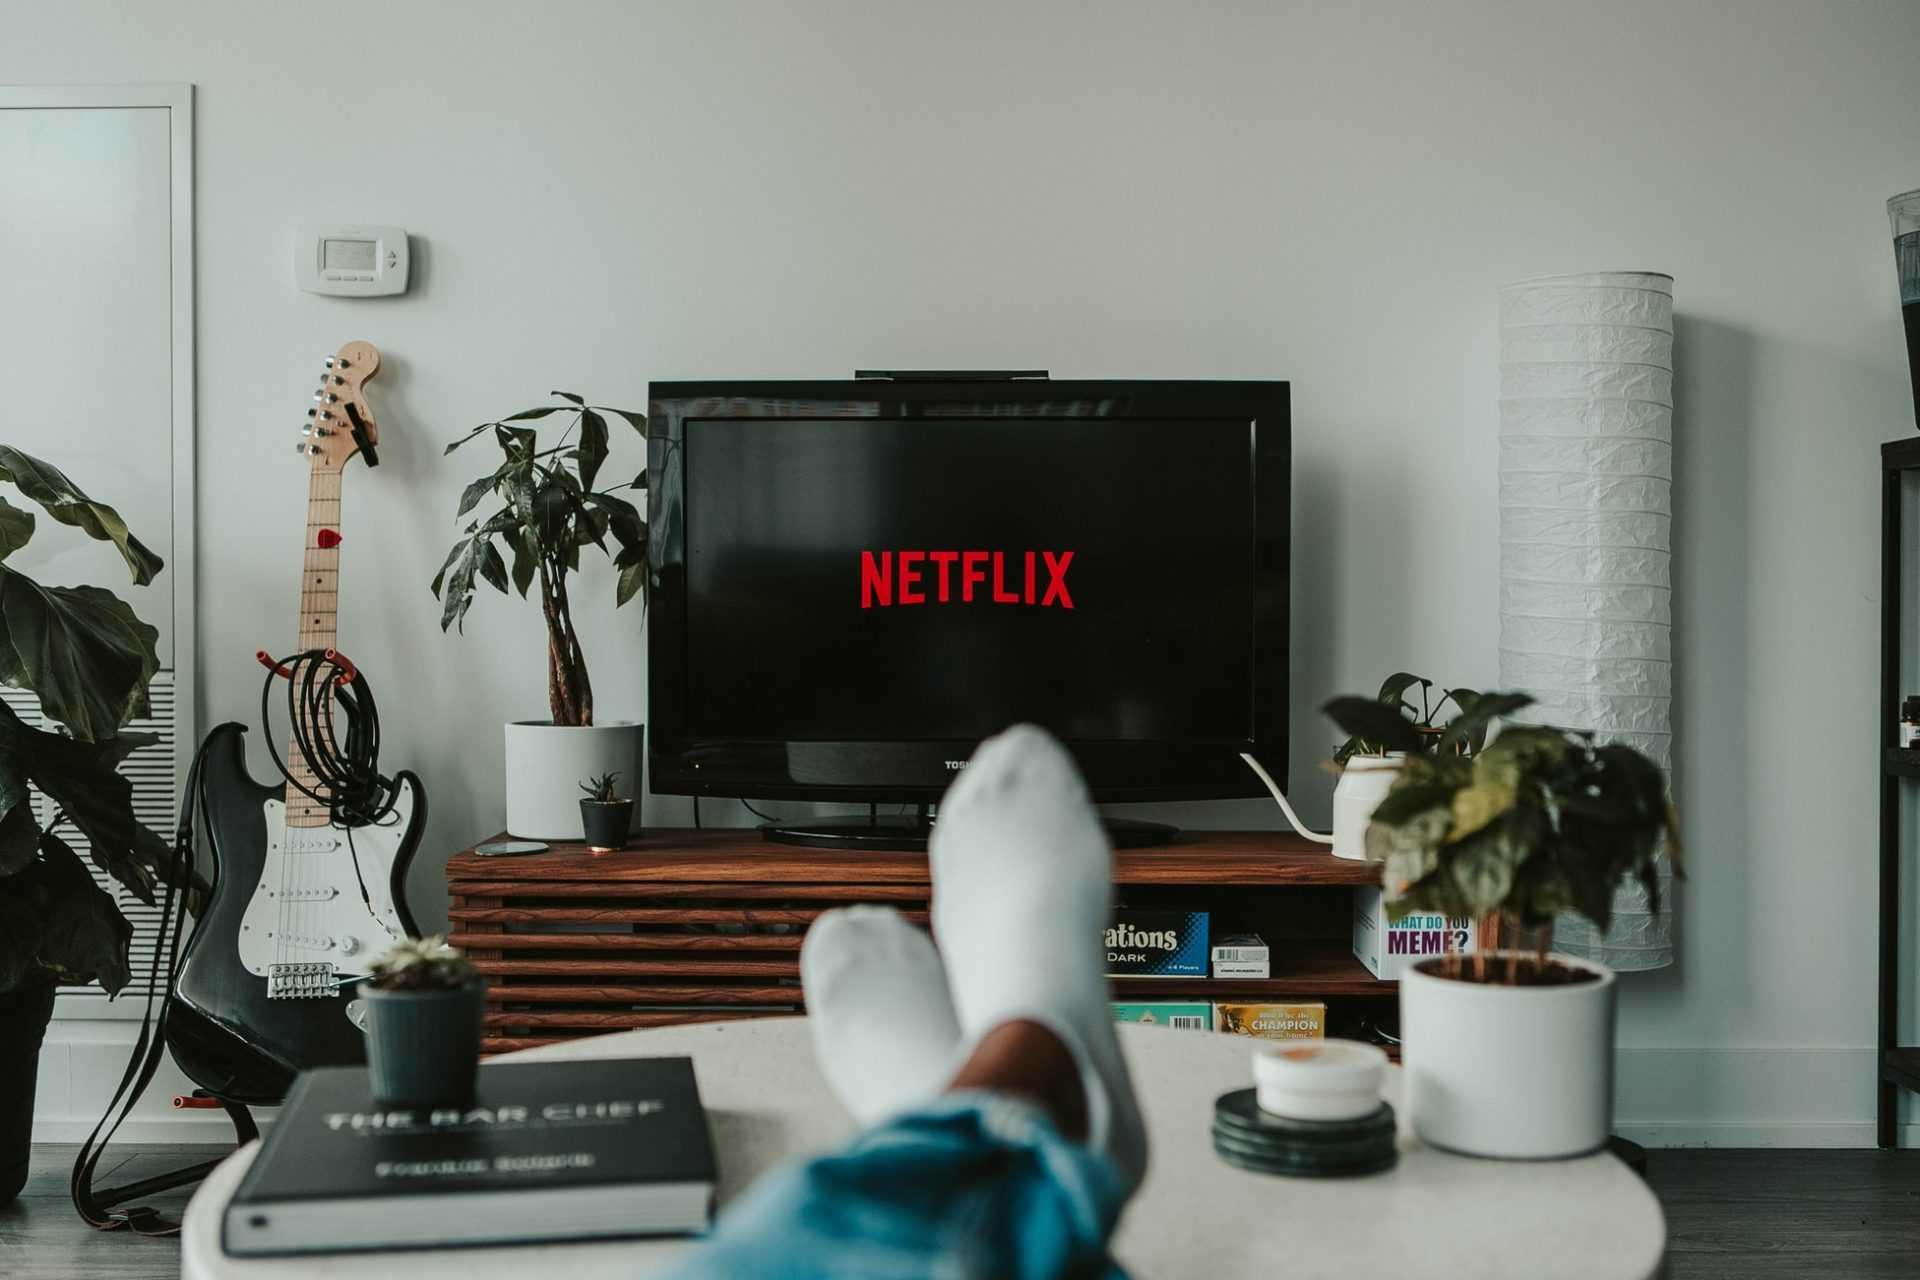 ТОП-10 самых популярных фильмов на Netflix